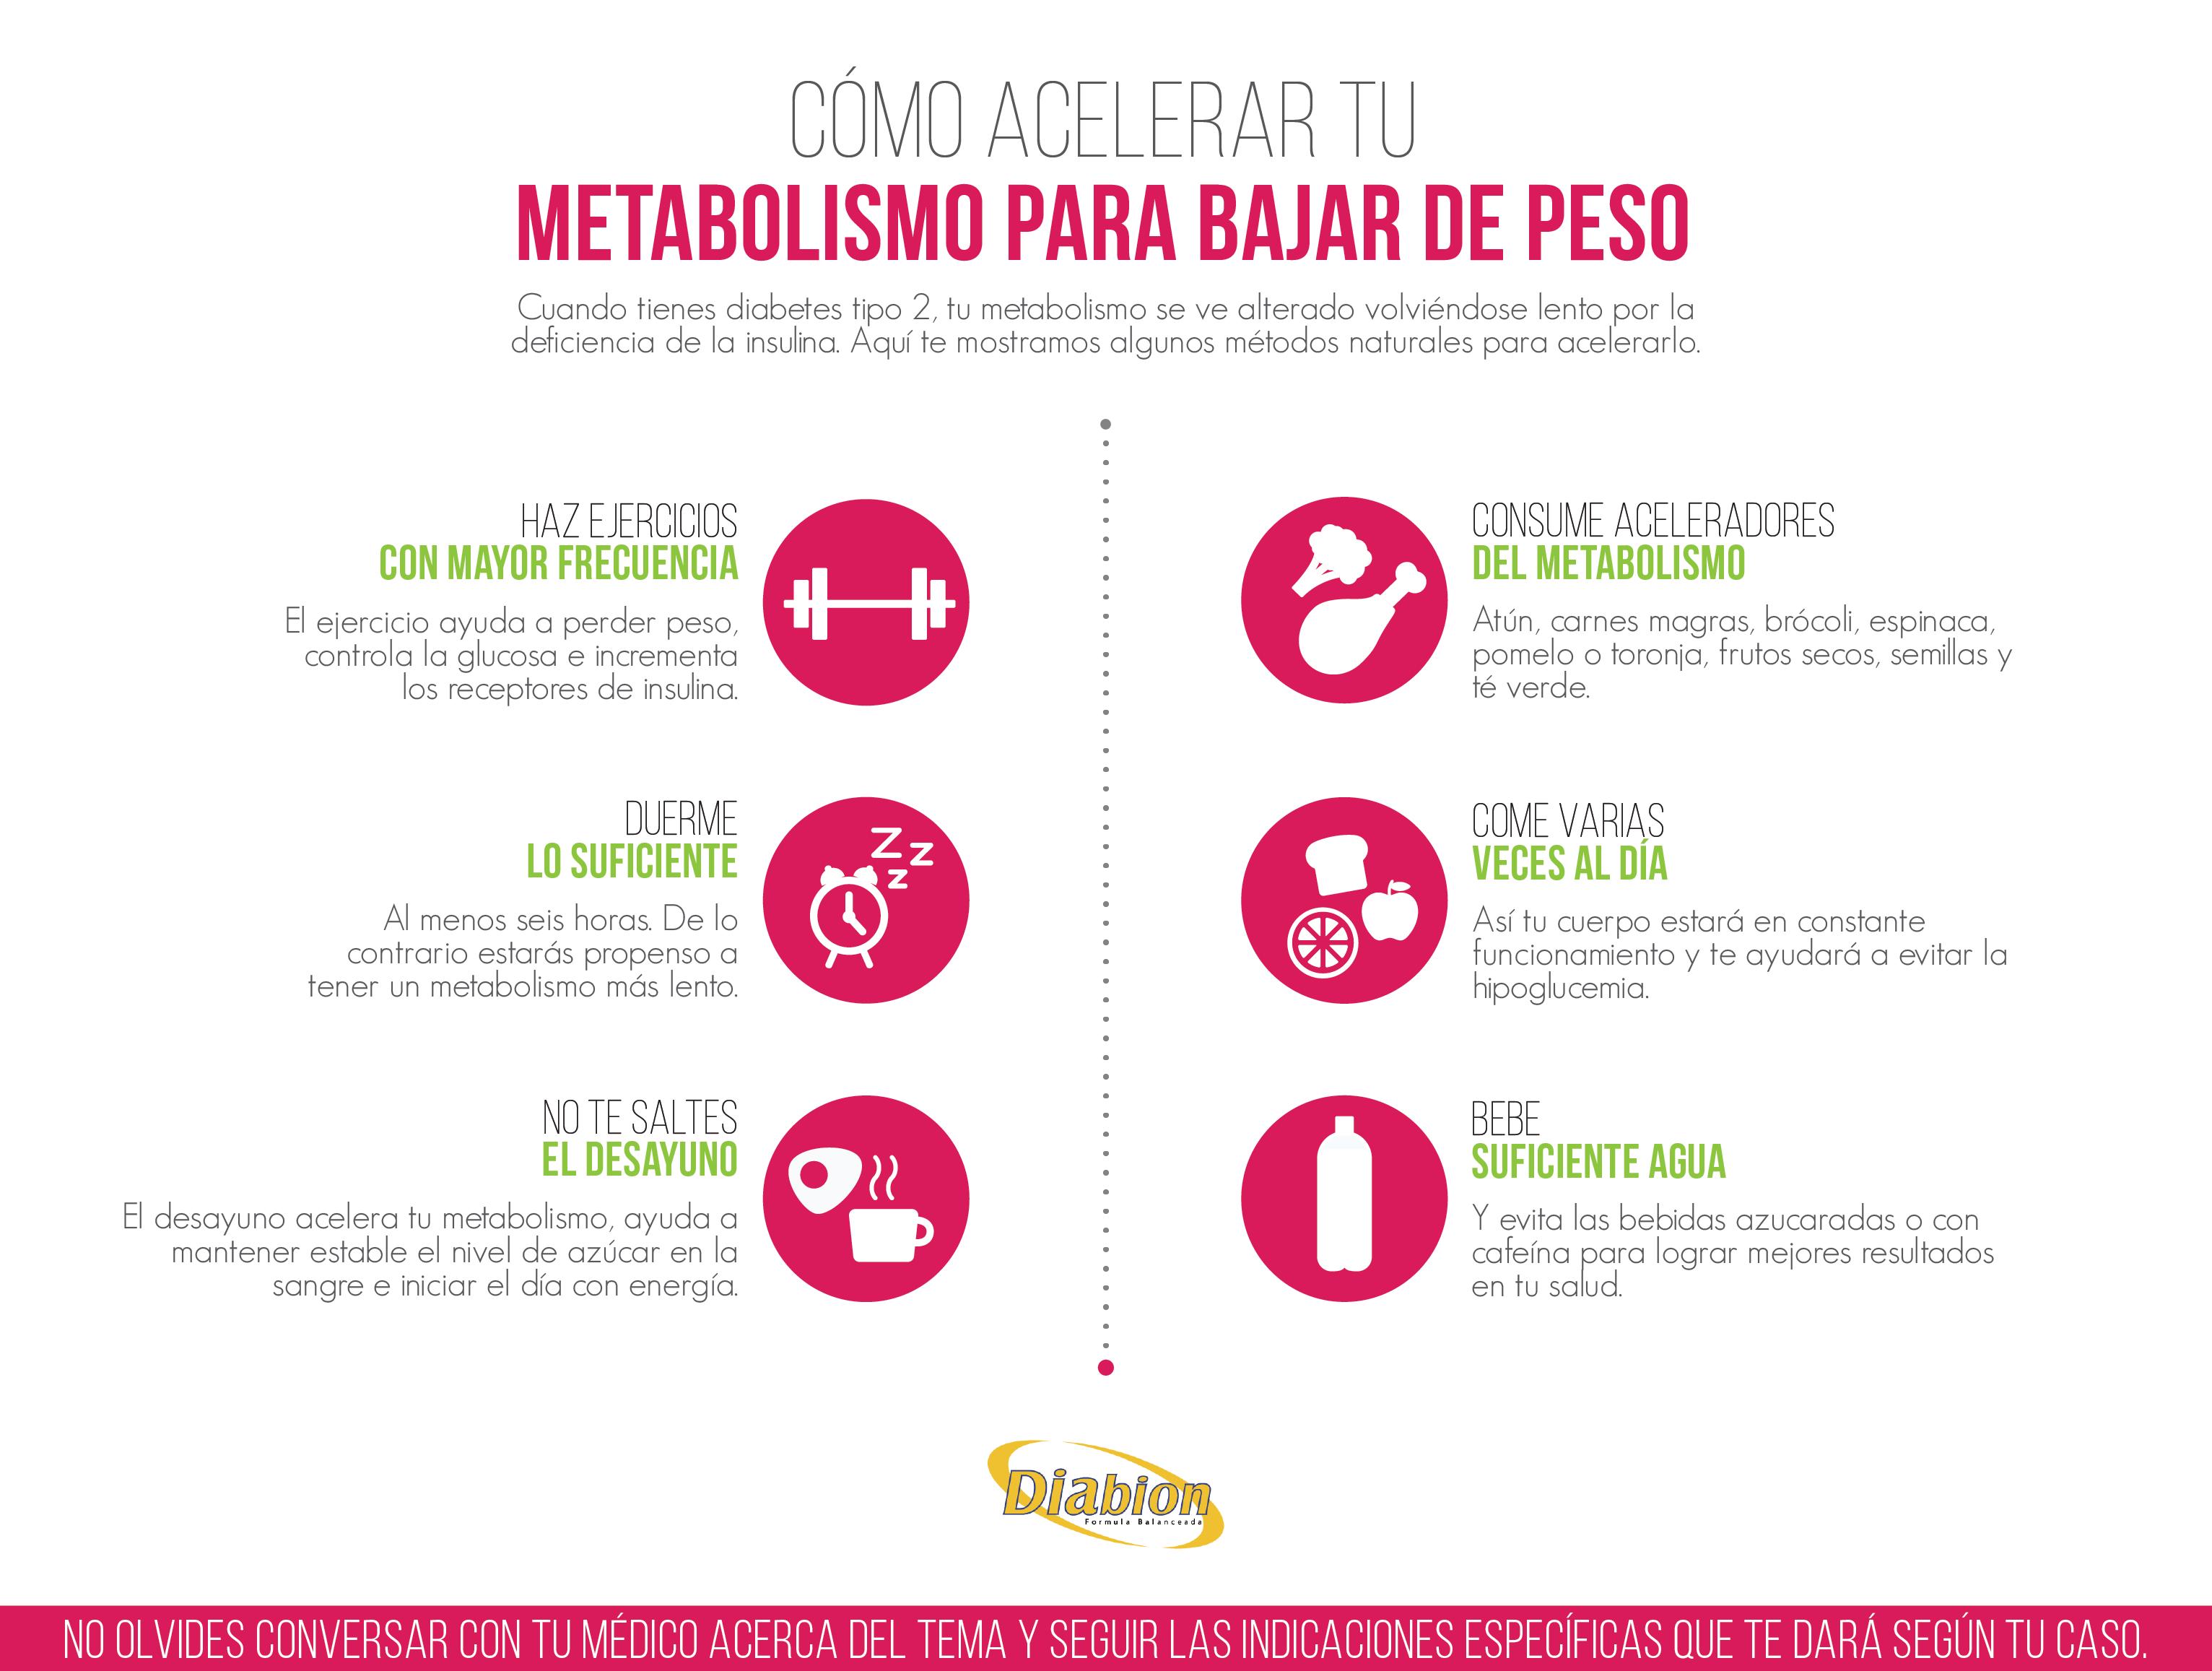 que se puede hacer para acelerar el metabolismo